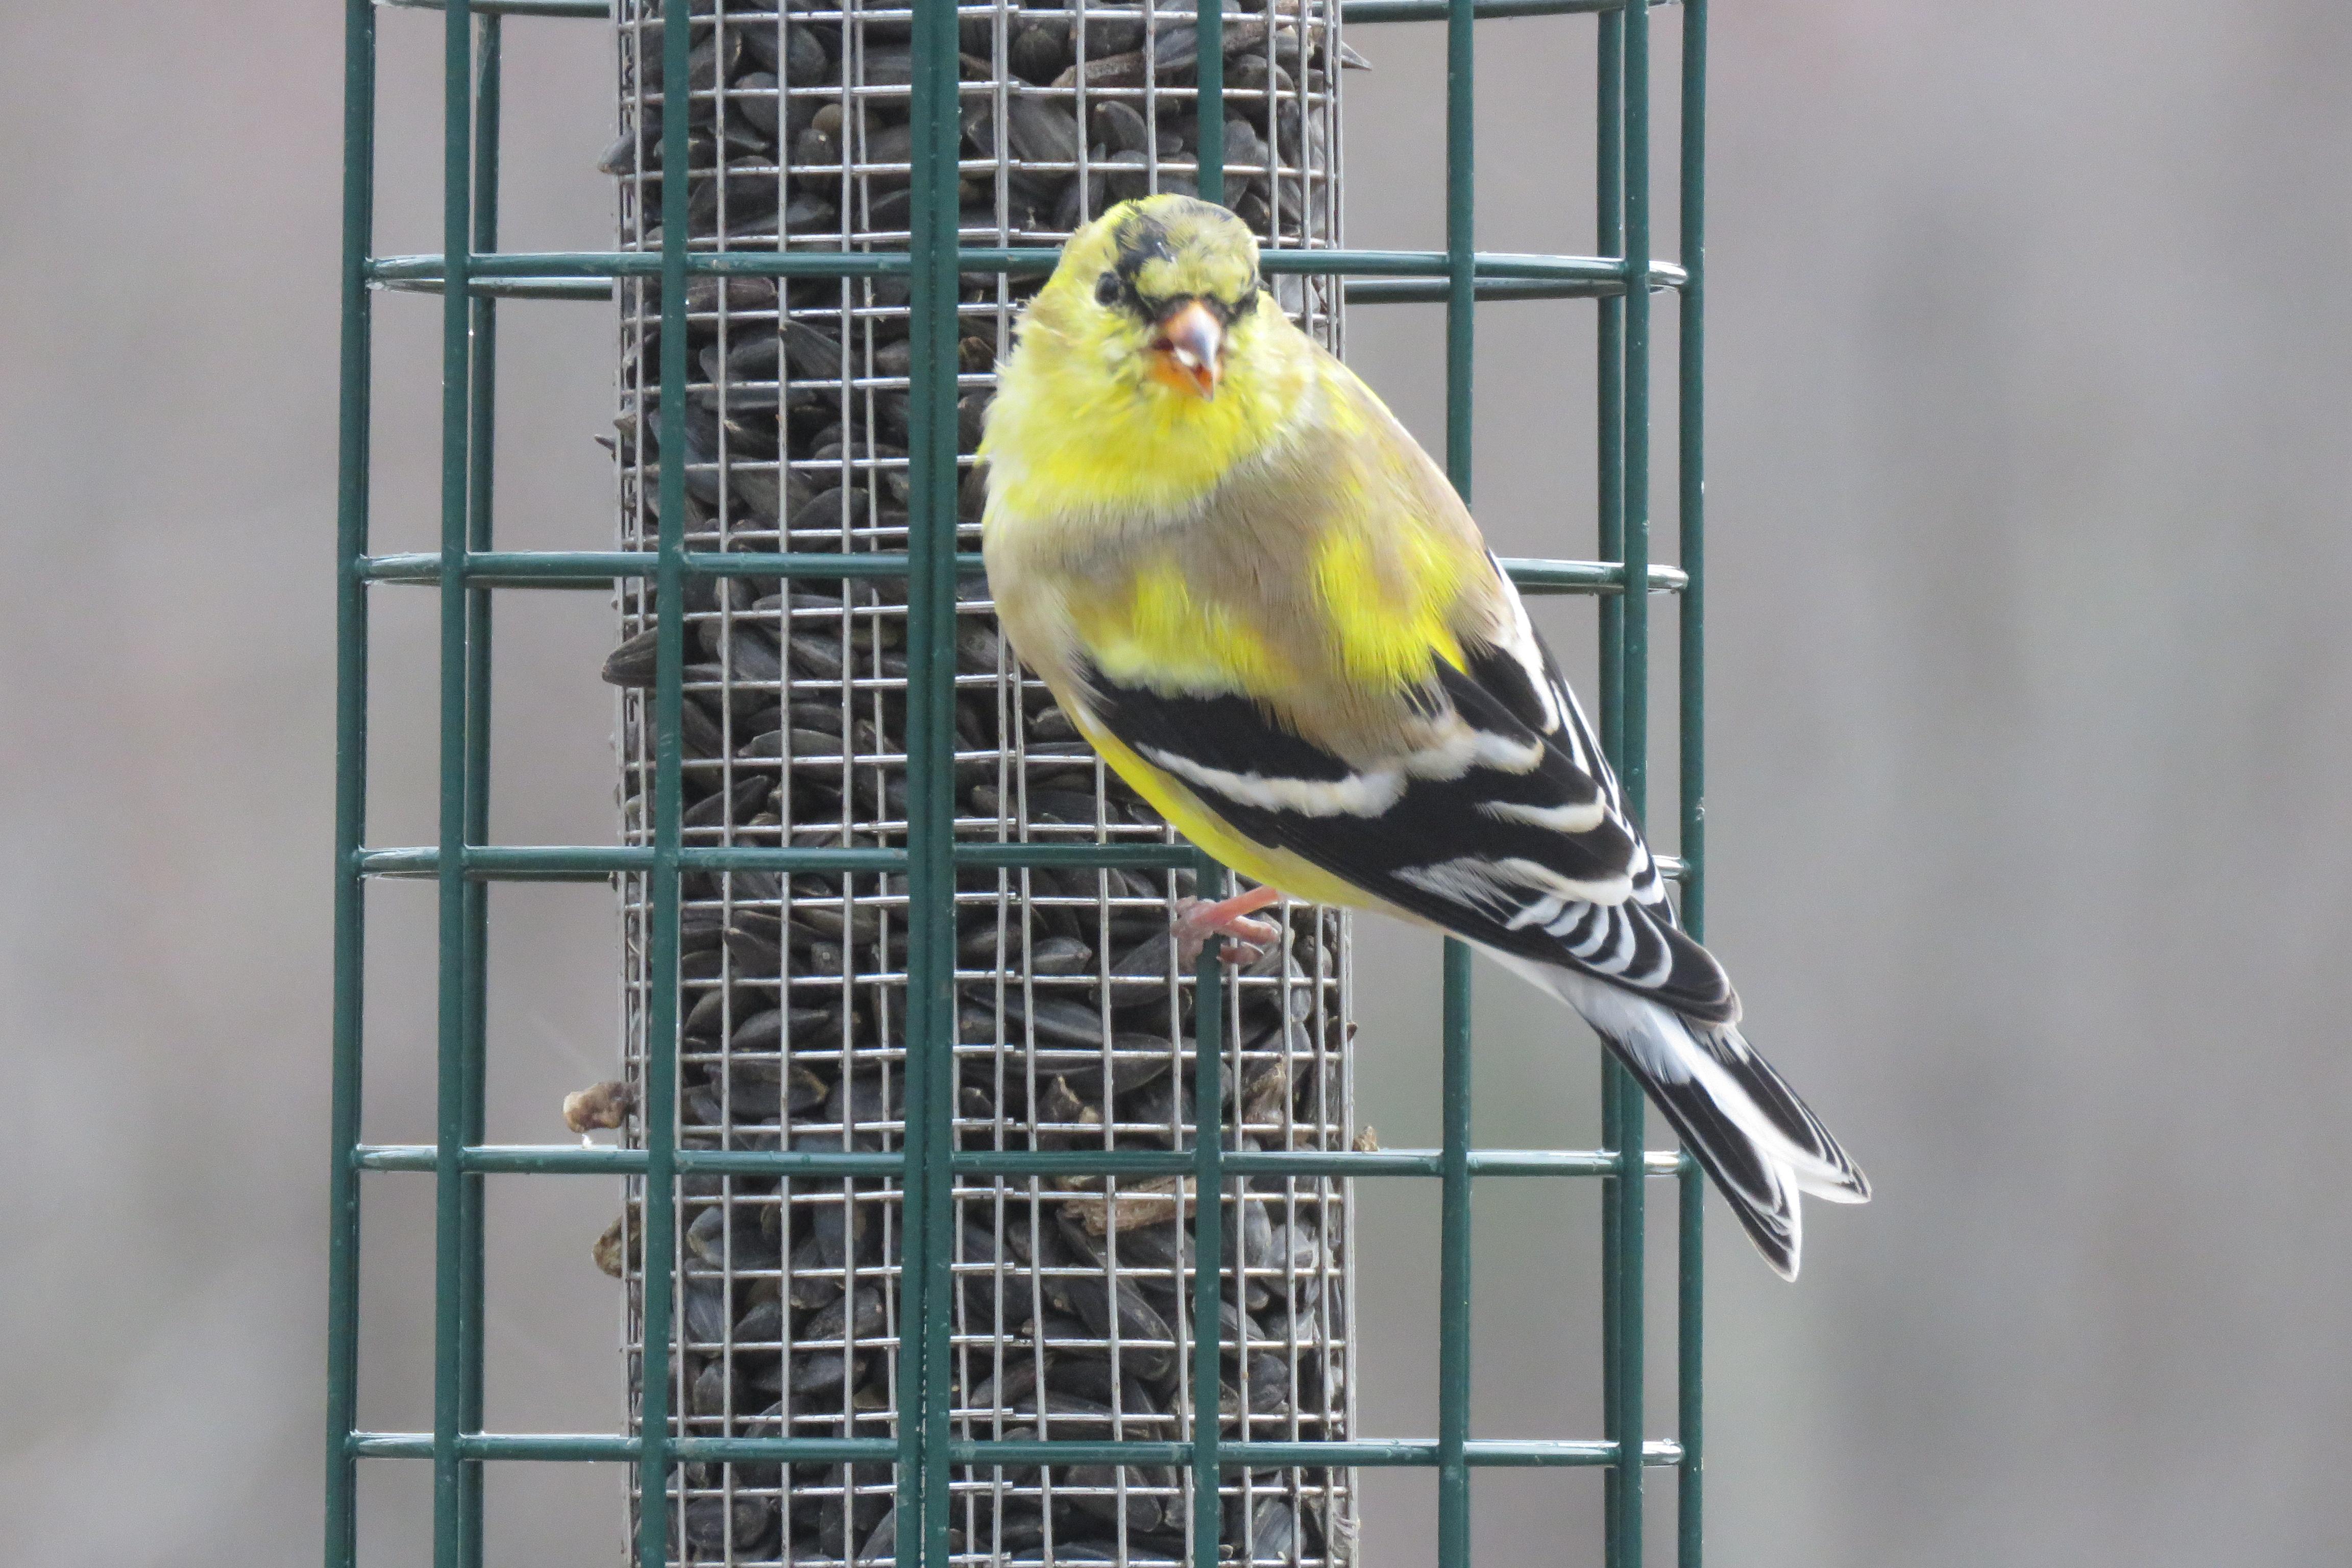 American Goldfinch - birds - wildlife - animals - songbirds